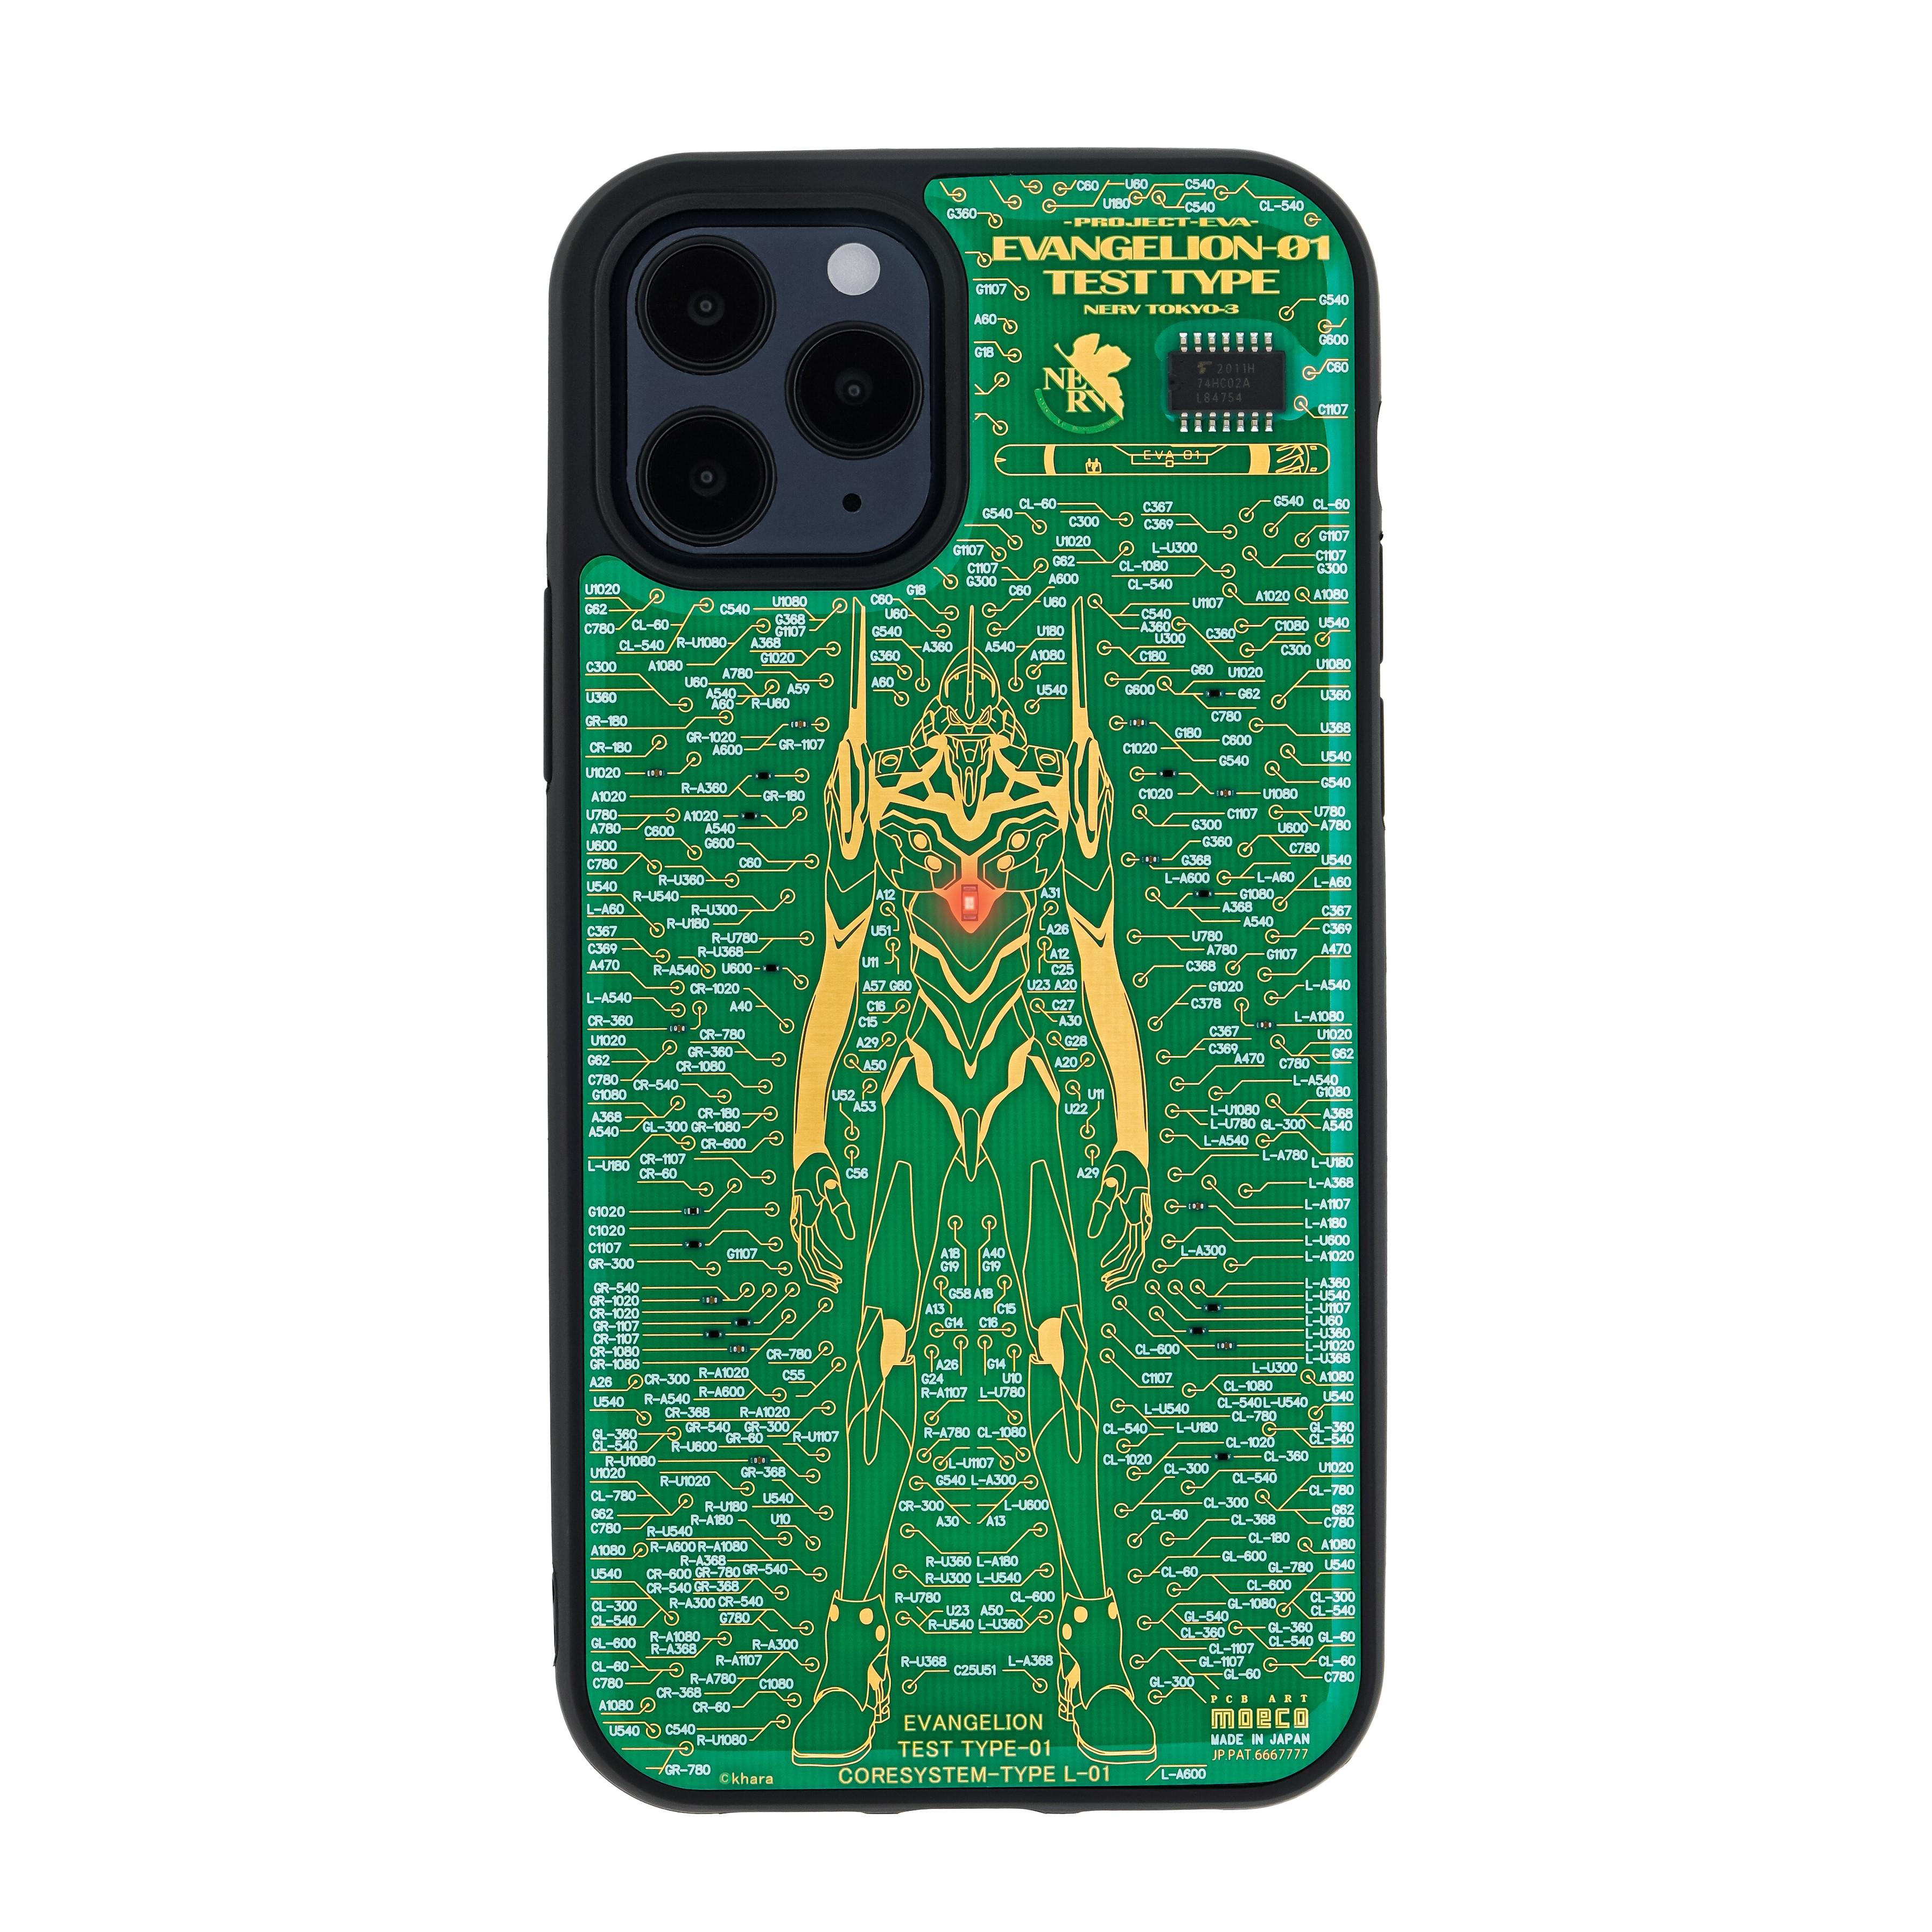 FLASH EVA01 基板アート iPhone 12 / 12 Pro ケース 緑【東京回路線図A5クリアファイルをプレゼント】